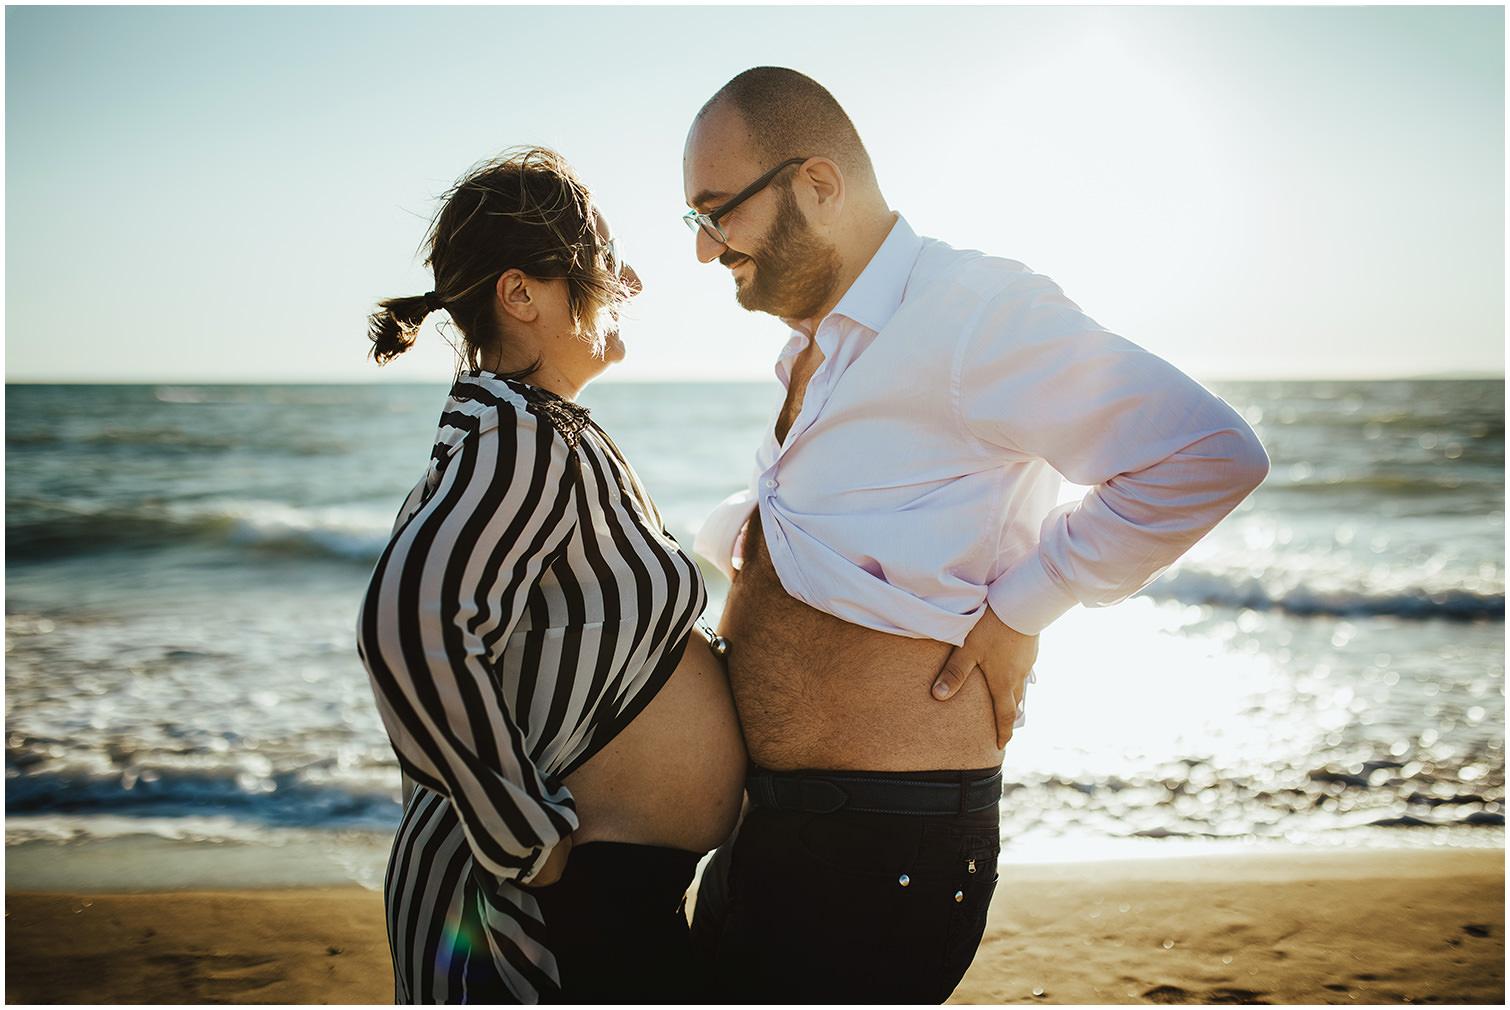 rosi-miche-maternity-session-sara-lorenzoni-fotografia-arezzo-grosseto-fotografo-matrimonio-18